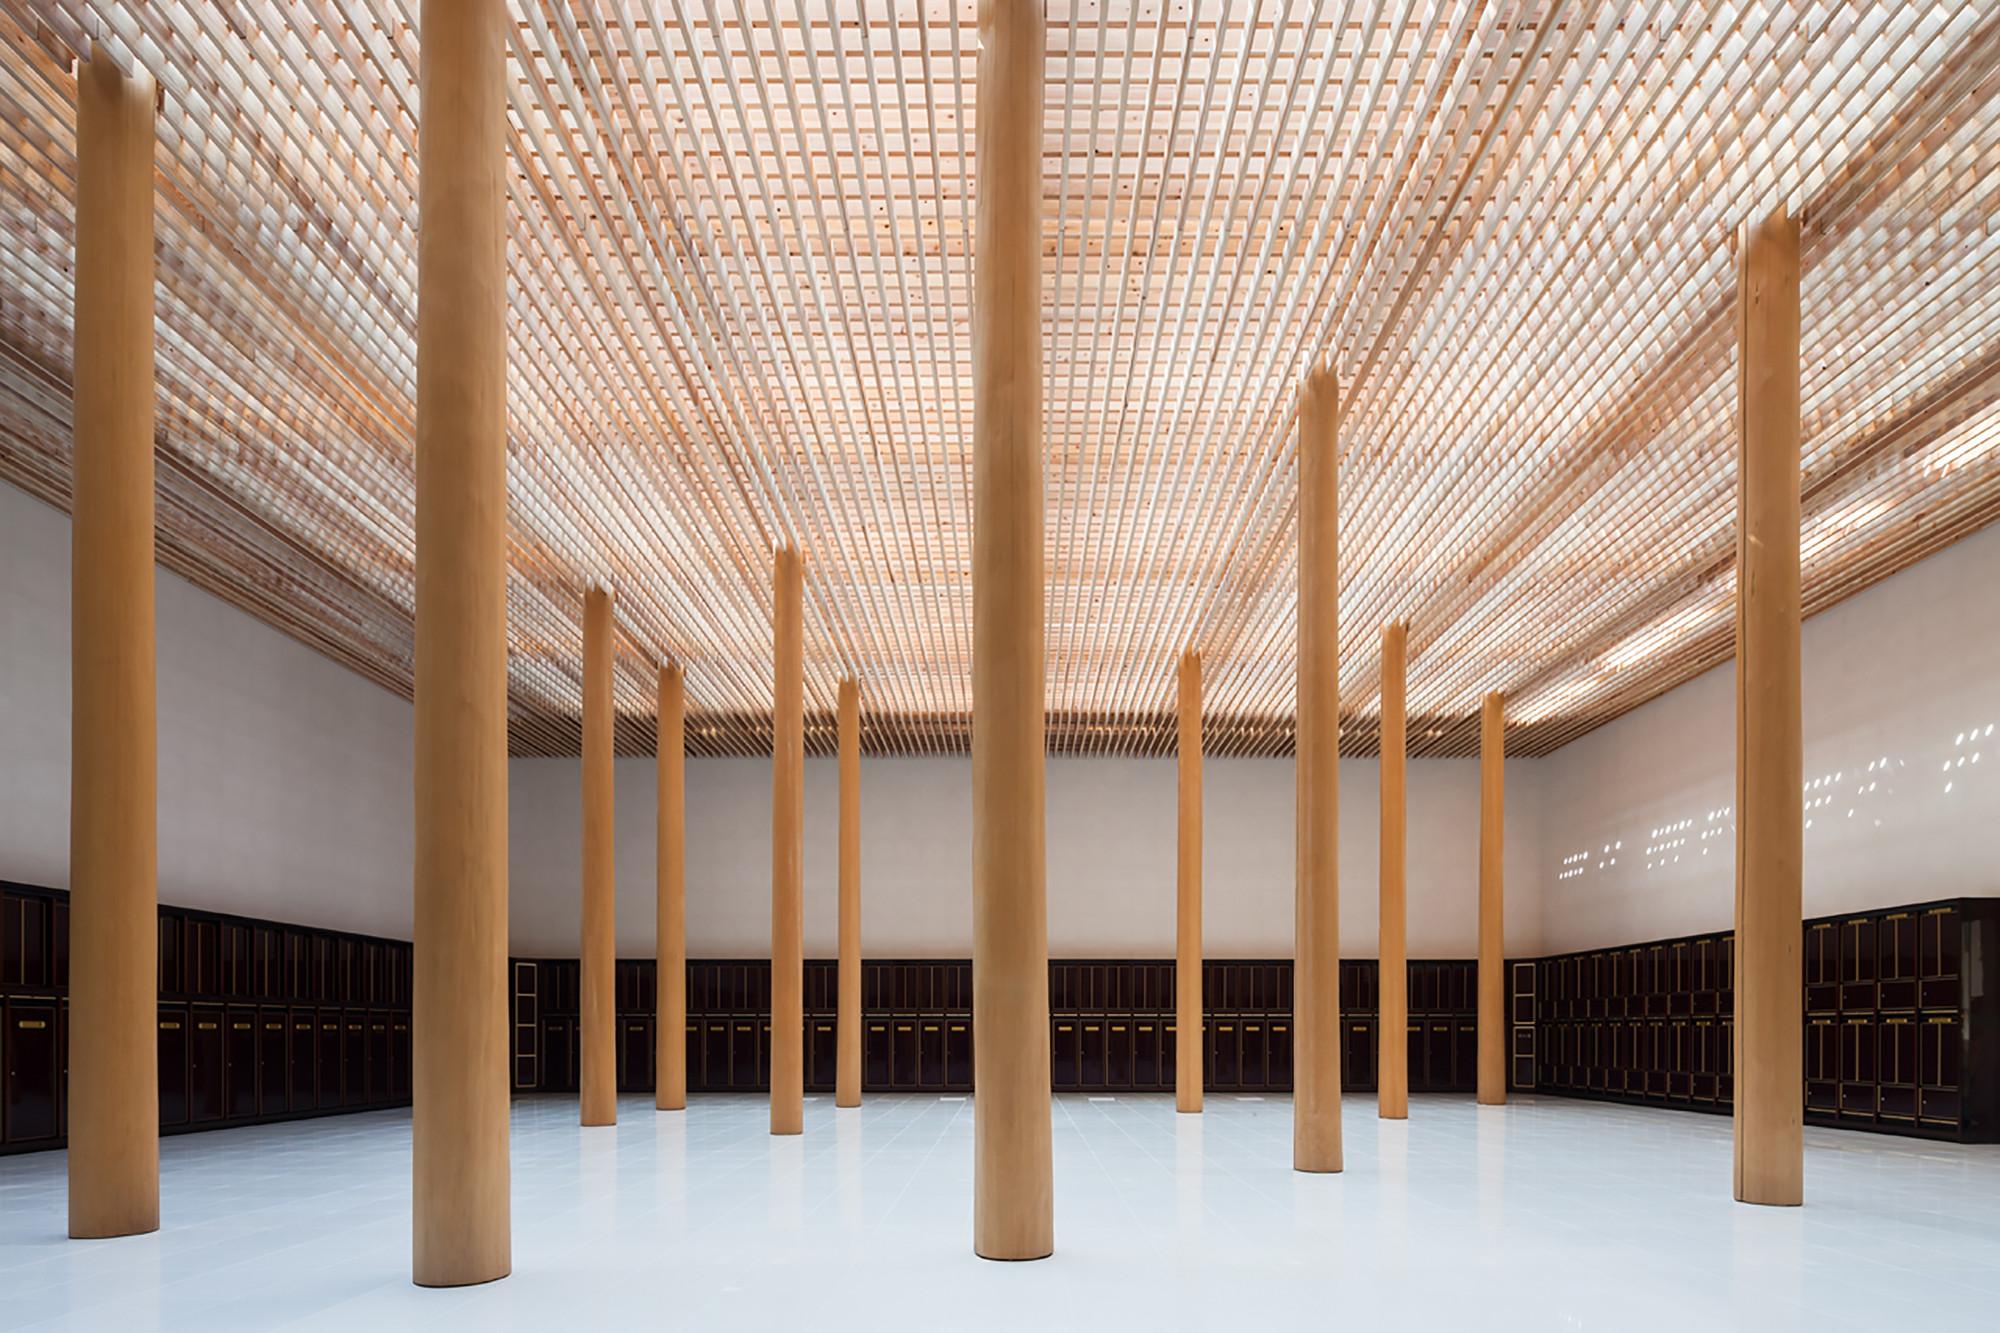 Columbario Myoenji  / Furumori Koichi architectural design studio, © Shinkenchiku-sha